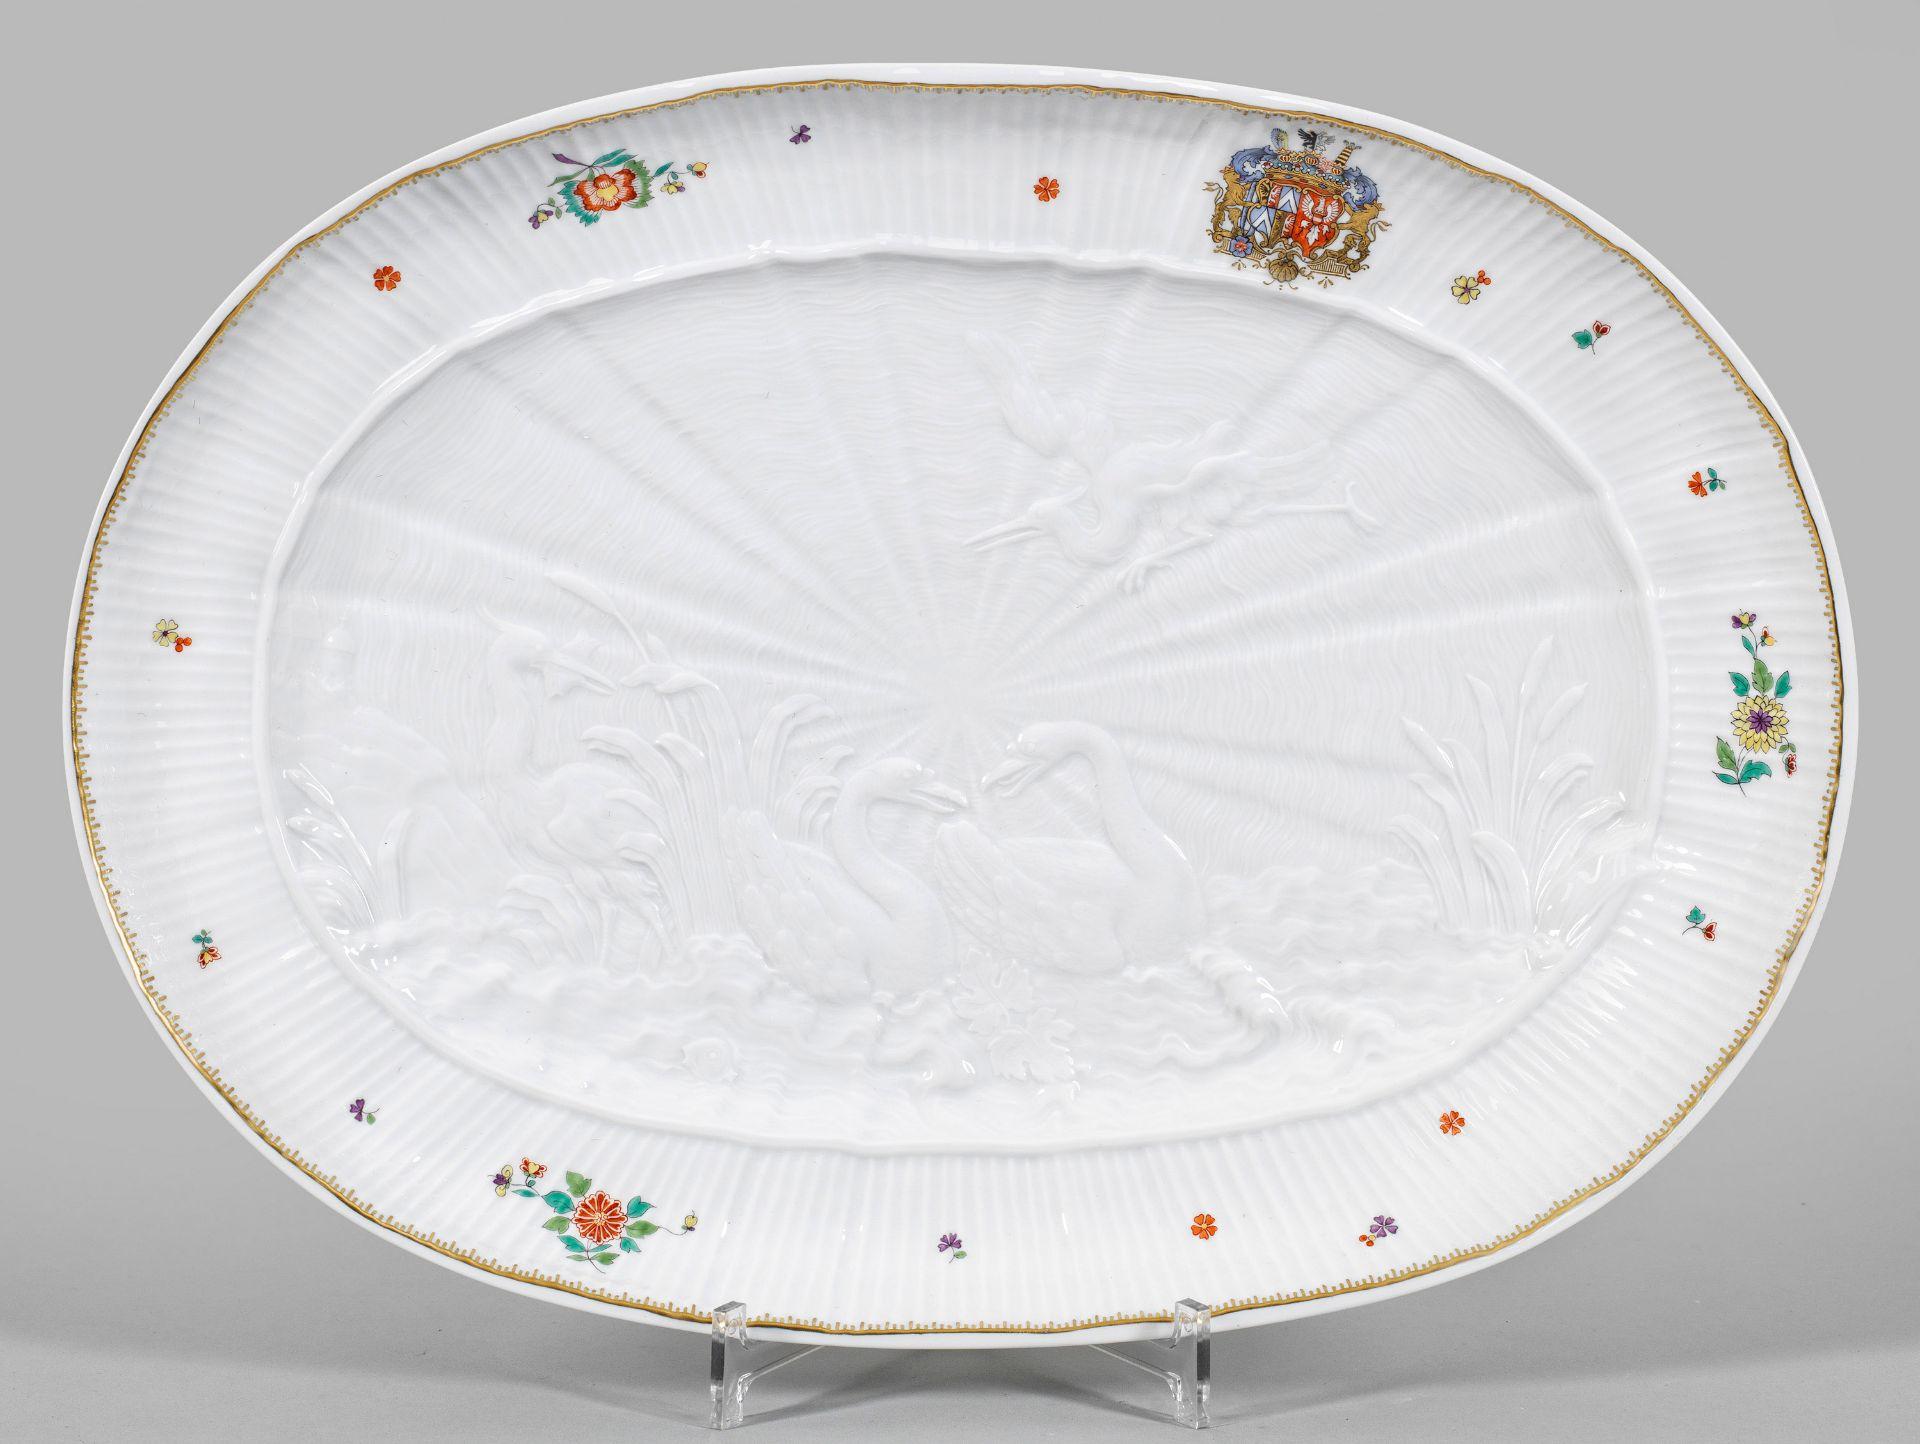 Große ovale Anbietplatte mit Schwanenservice-Dekor